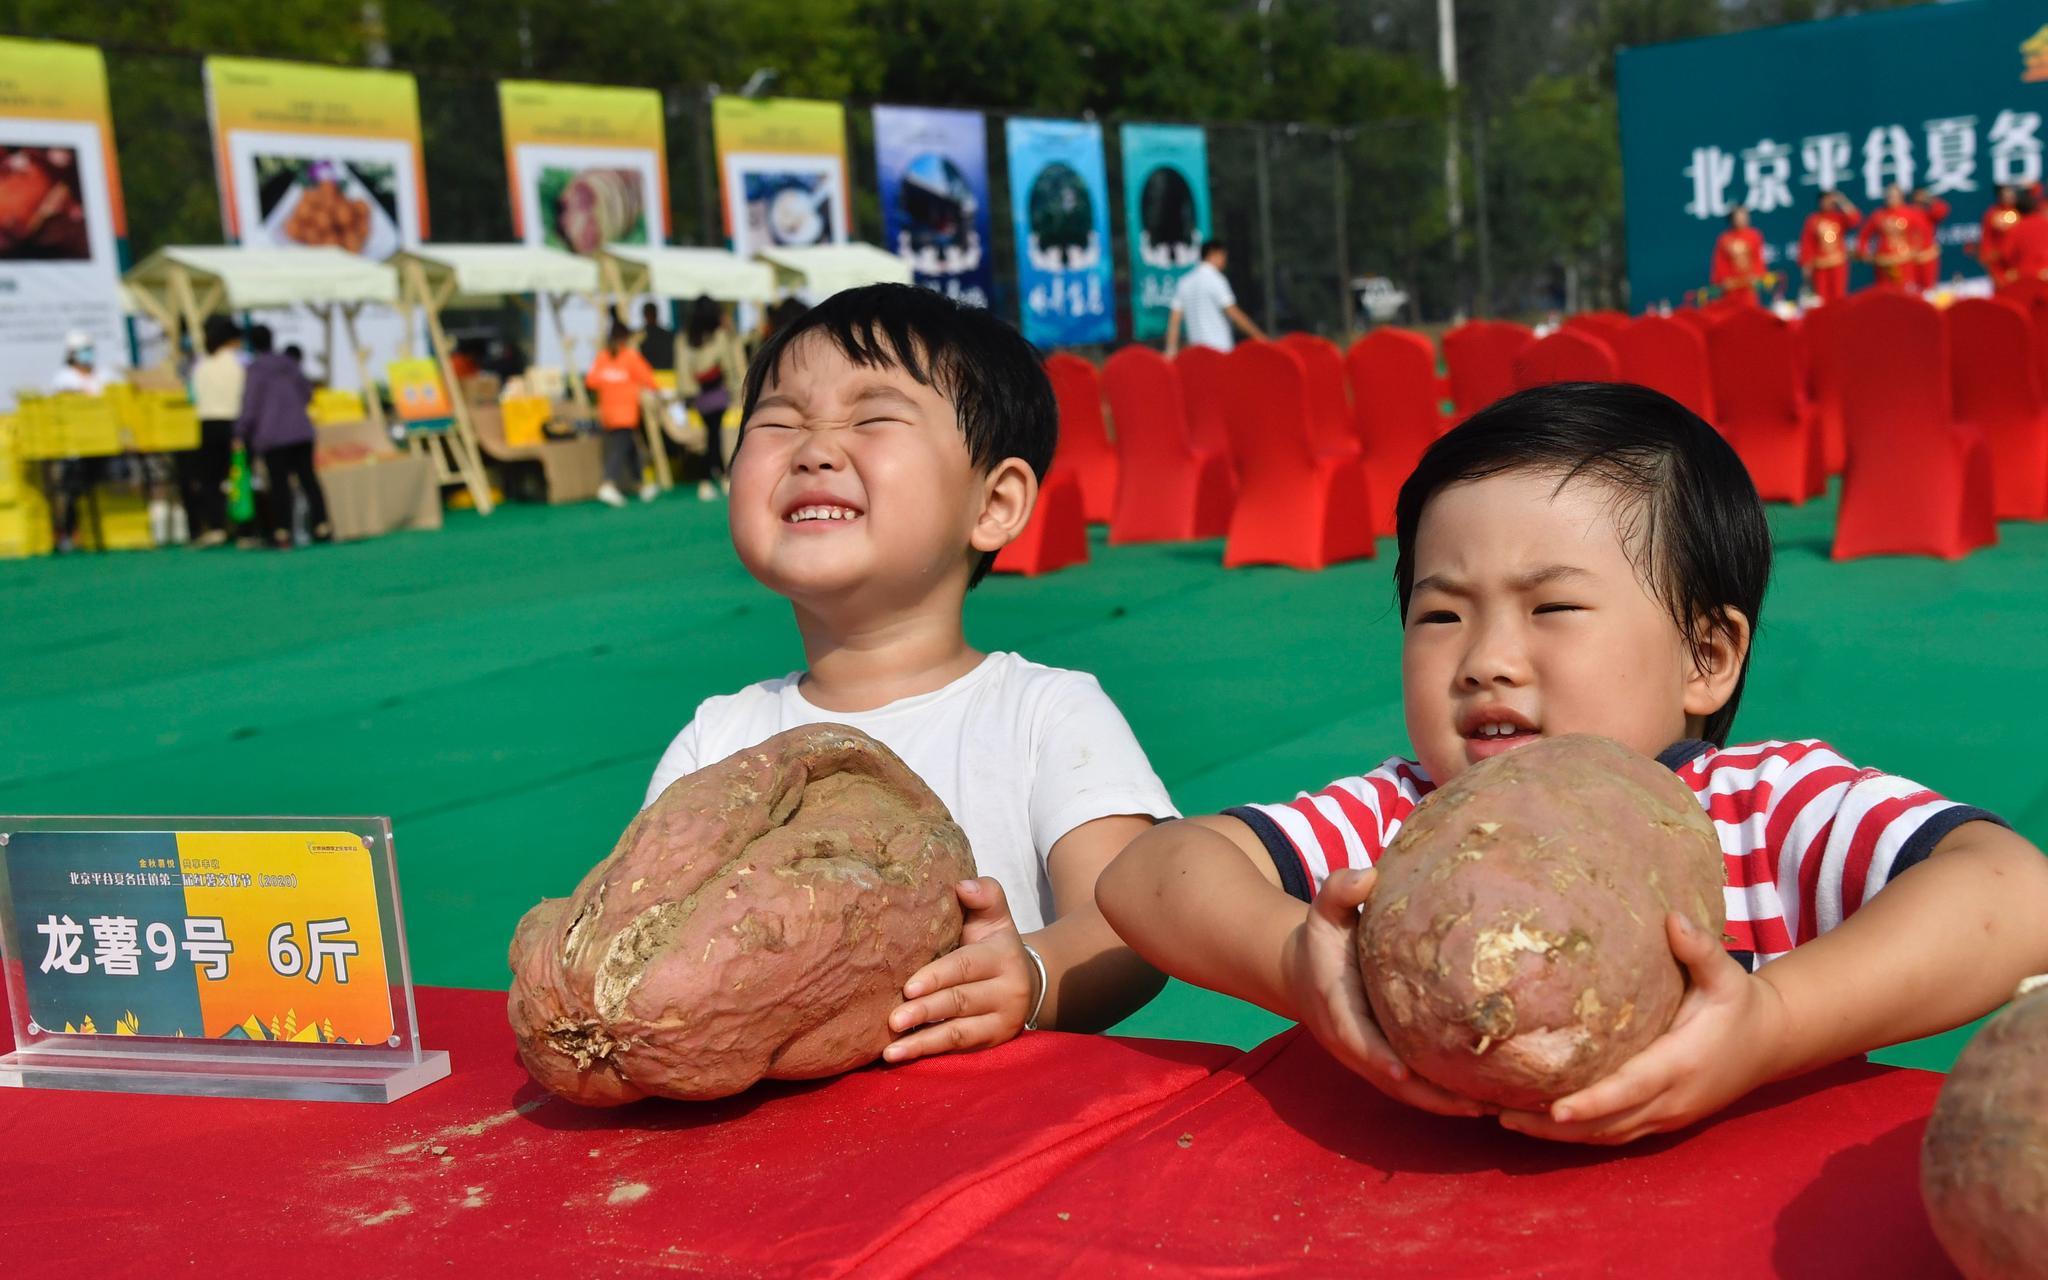 红薯文化节上,小同伙在试着拿起六斤重的龙薯。拍照/新京报记者 吴宁